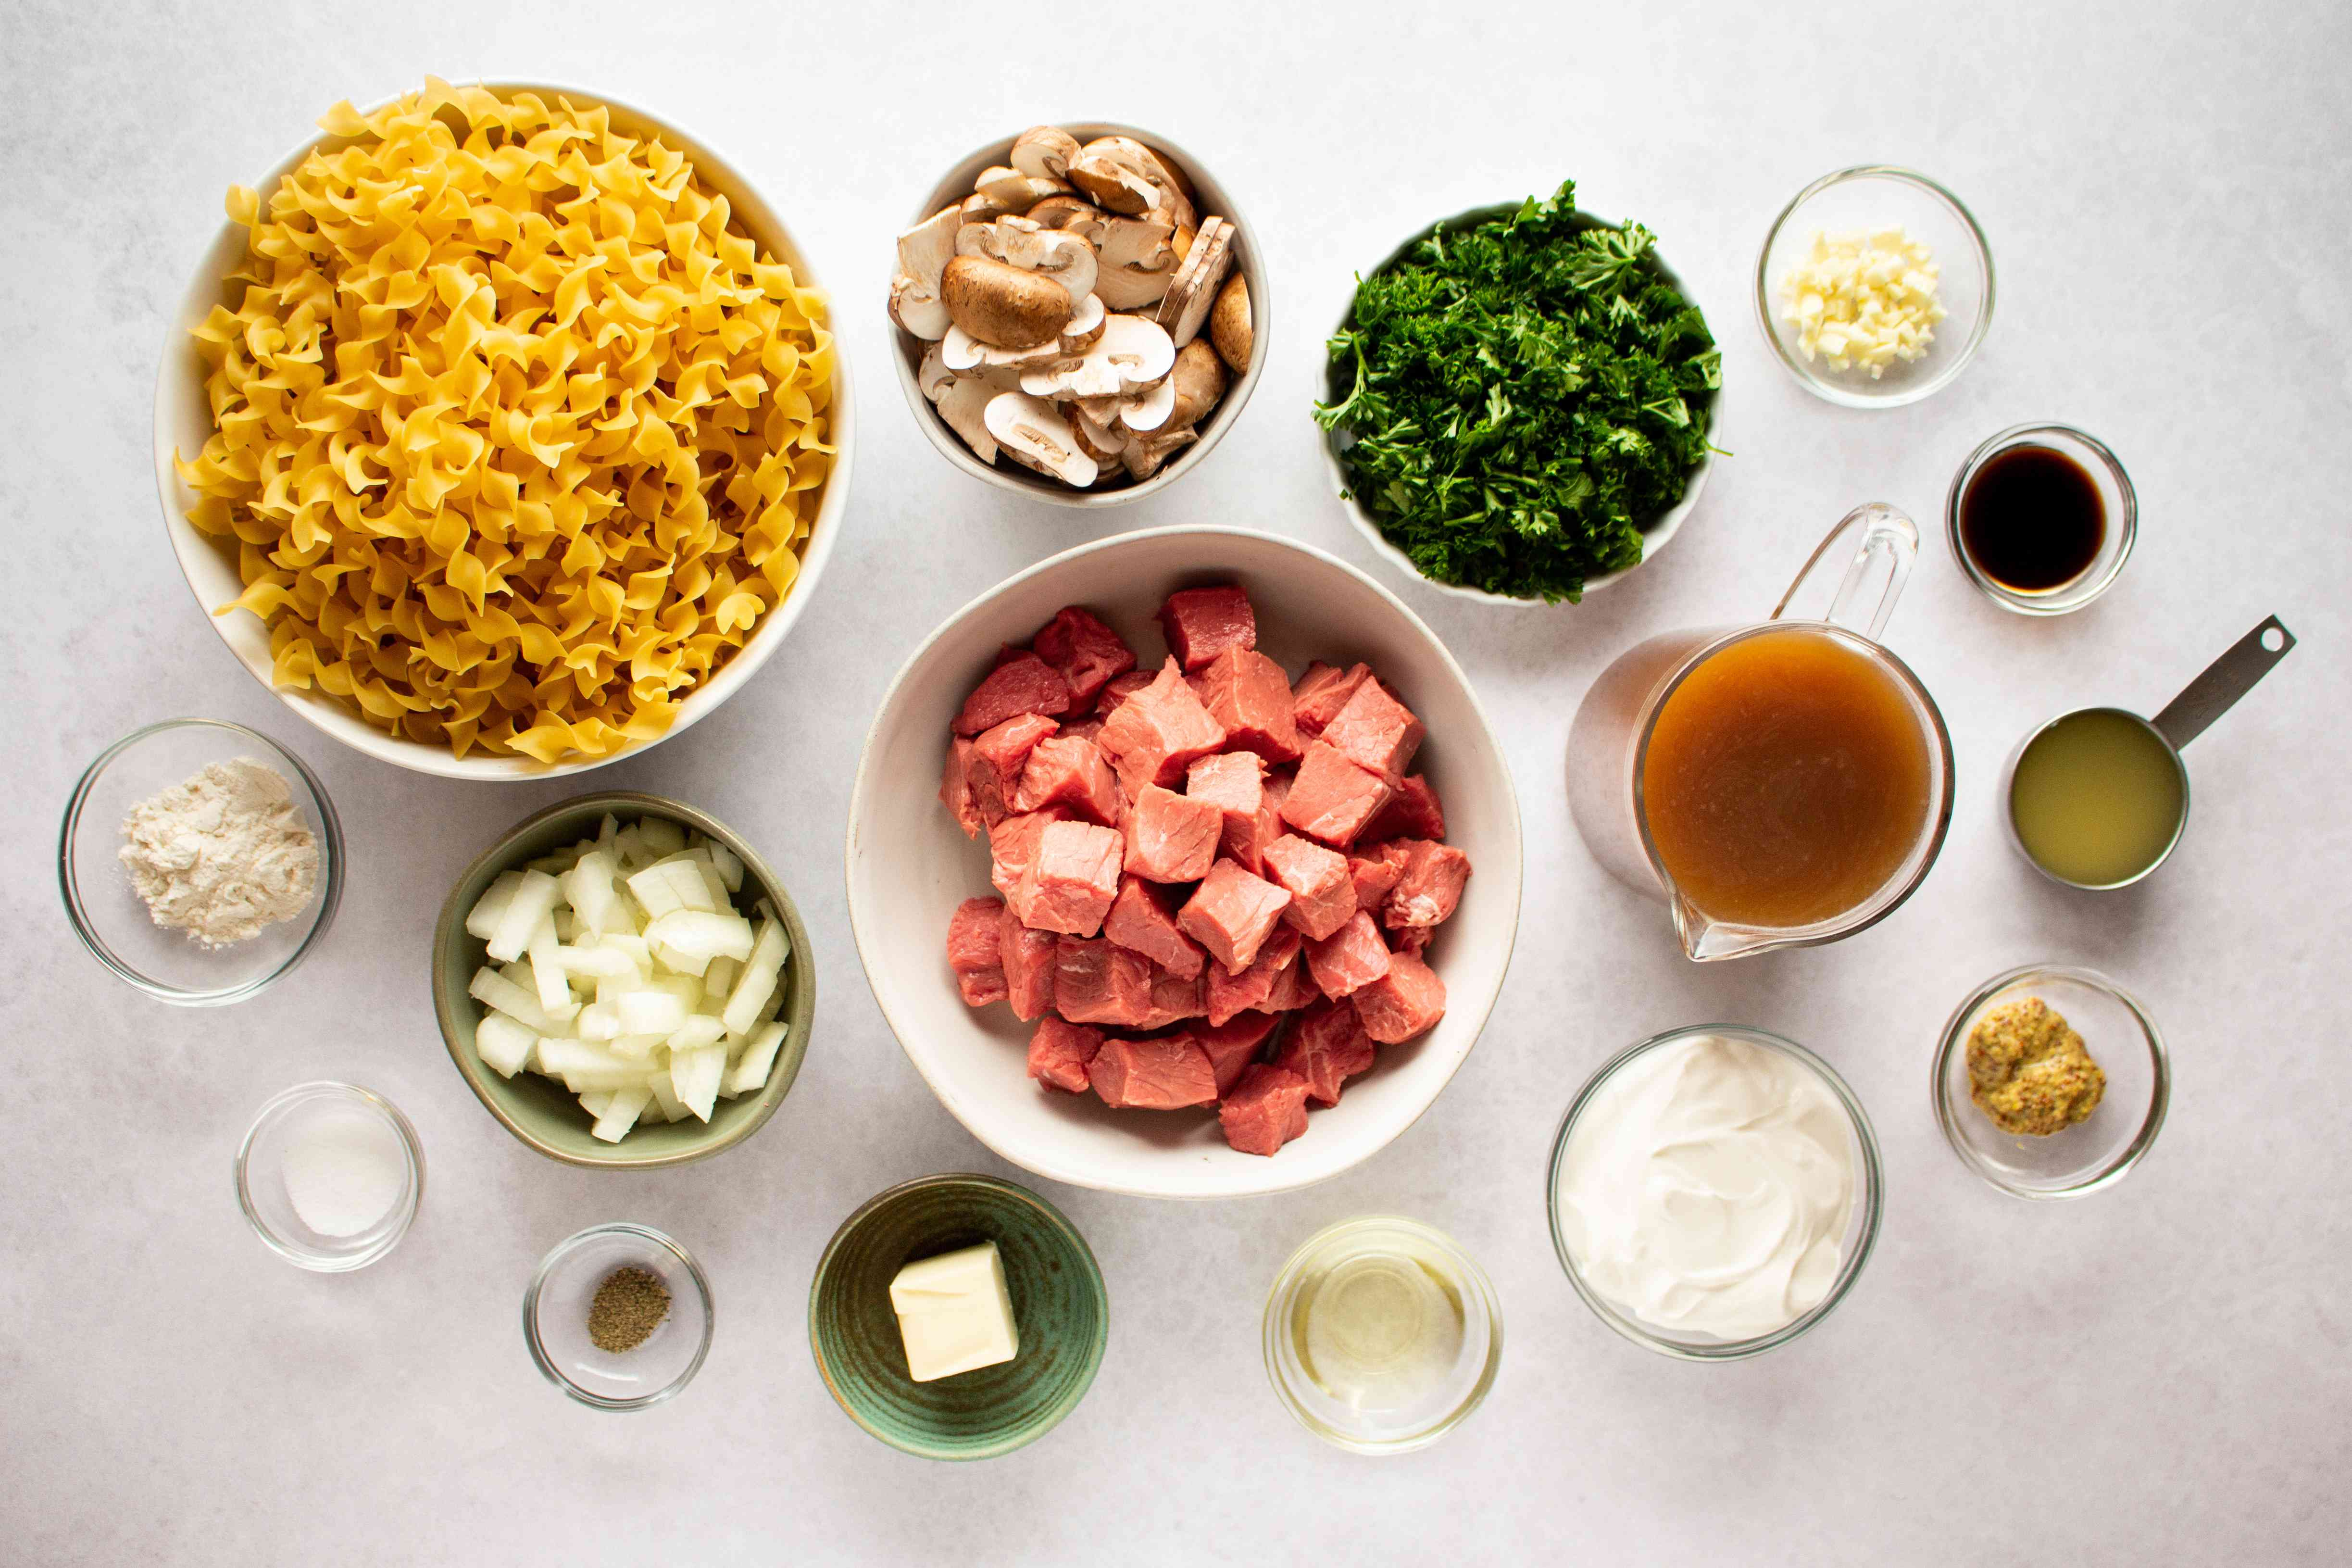 Instant Pot Beef Stroganoff ingredients